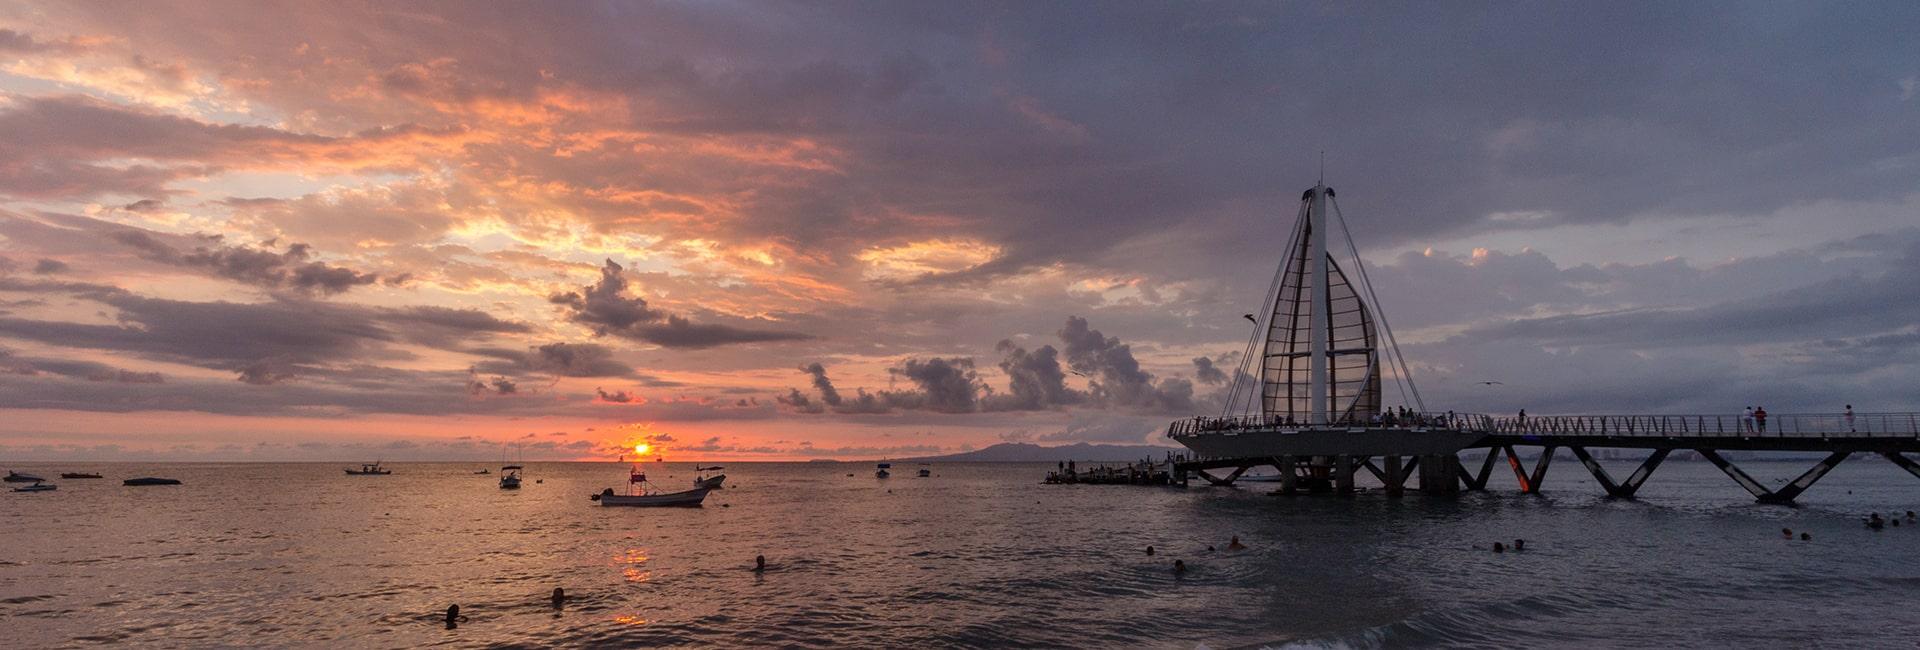 Puerto Vallarta Weather